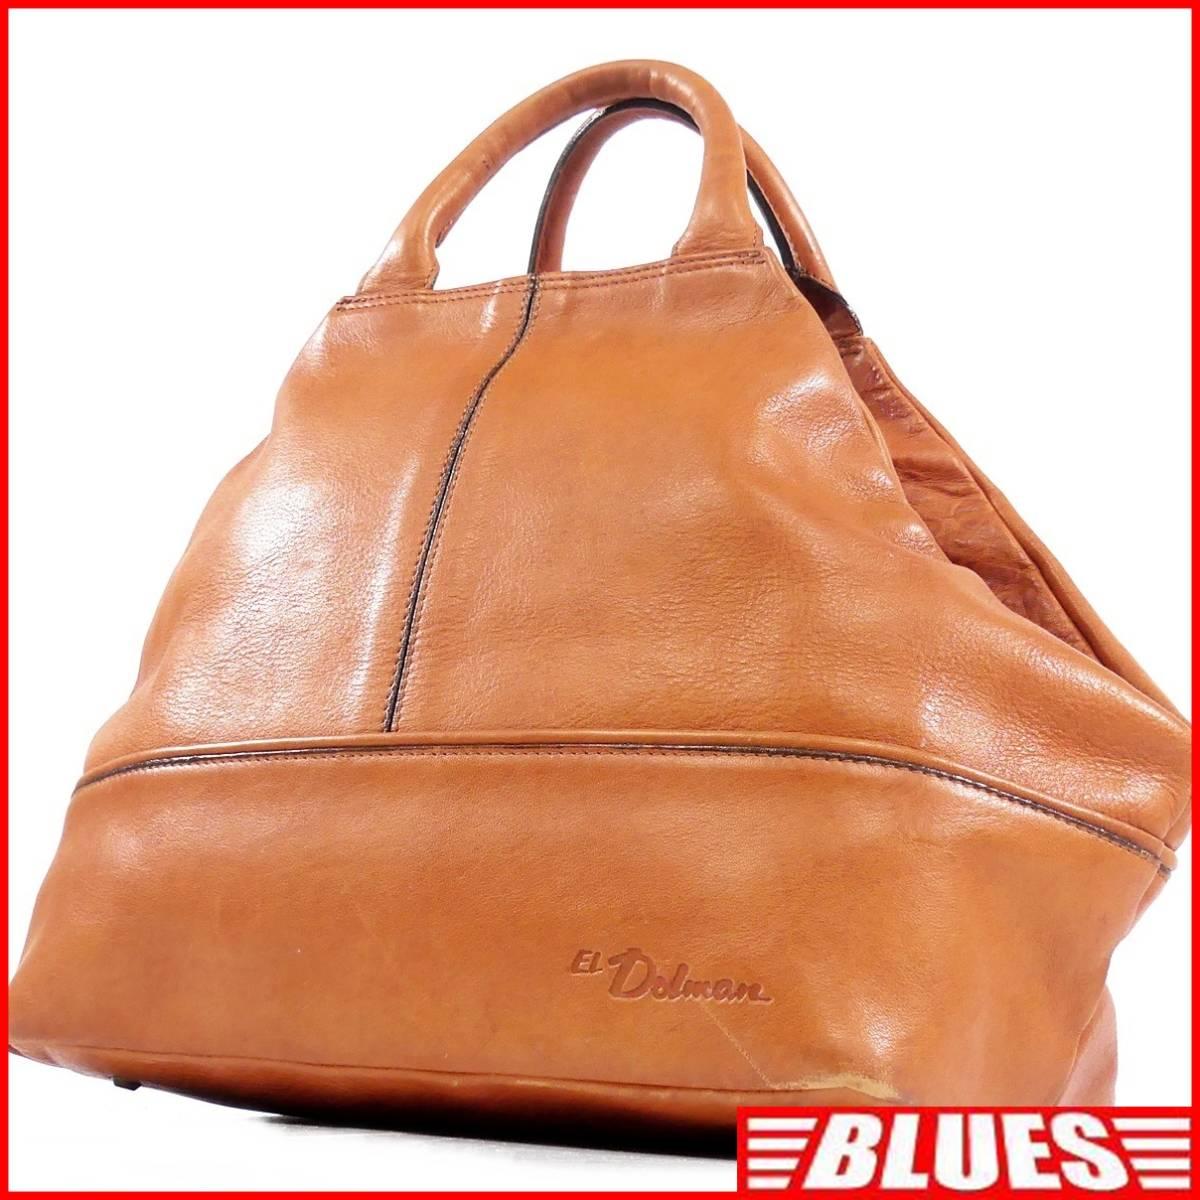 即決★EL Dolman★レザーハンドバッグ ドルマン メンズ 茶 本革 トートバッグ 本皮 かばん 鞄 レディース 手提げバッグ_画像1